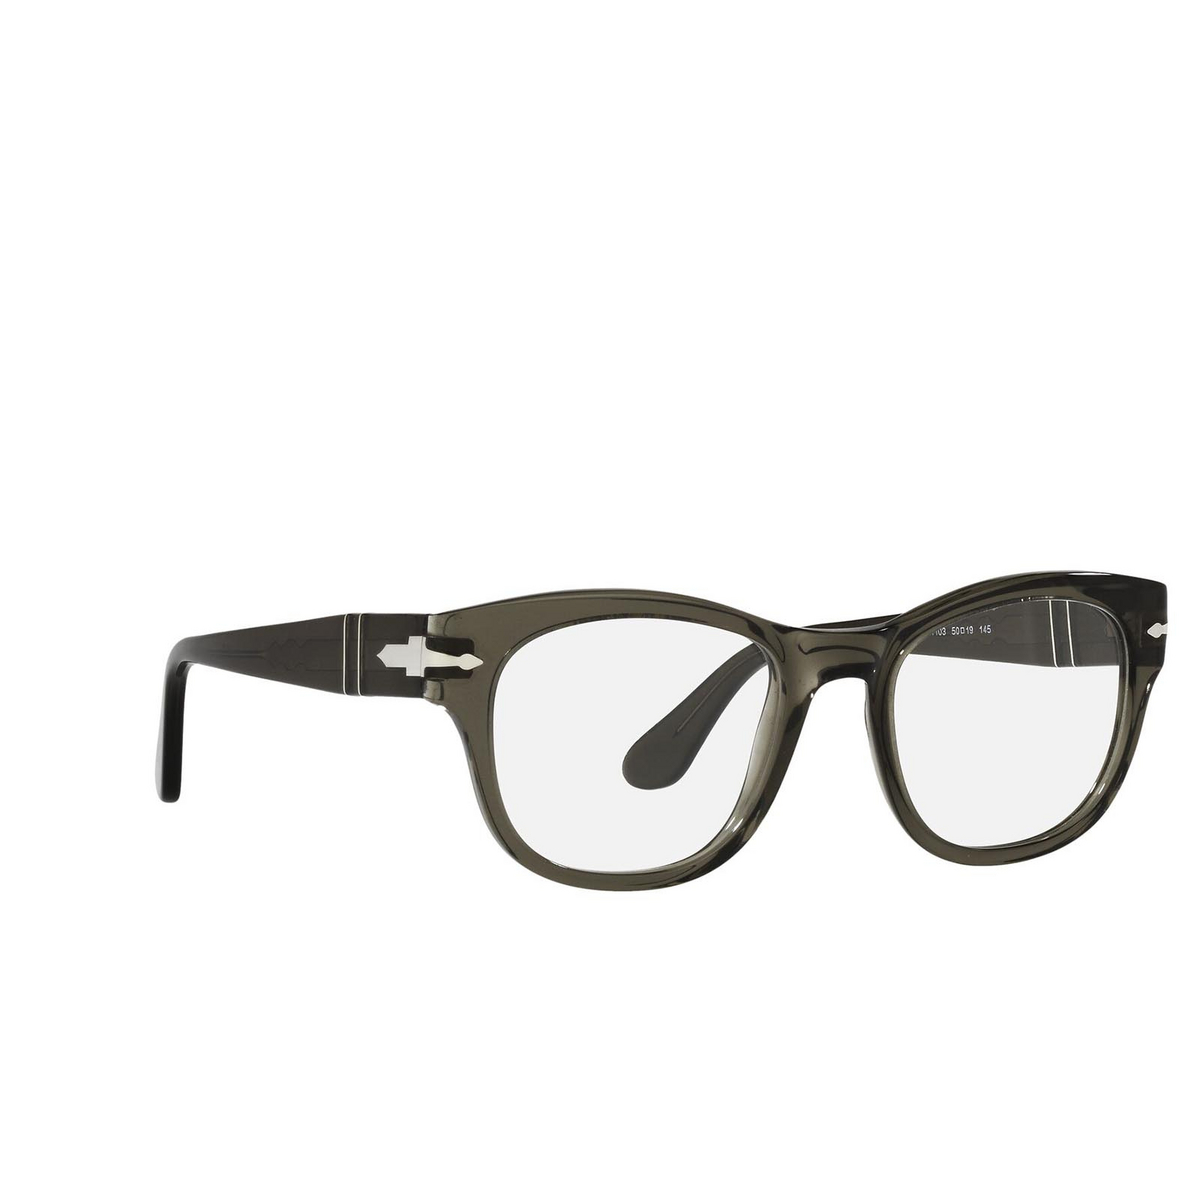 Persol® Square Eyeglasses: PO3270V color Opal Smoke 1103 - three-quarters view.